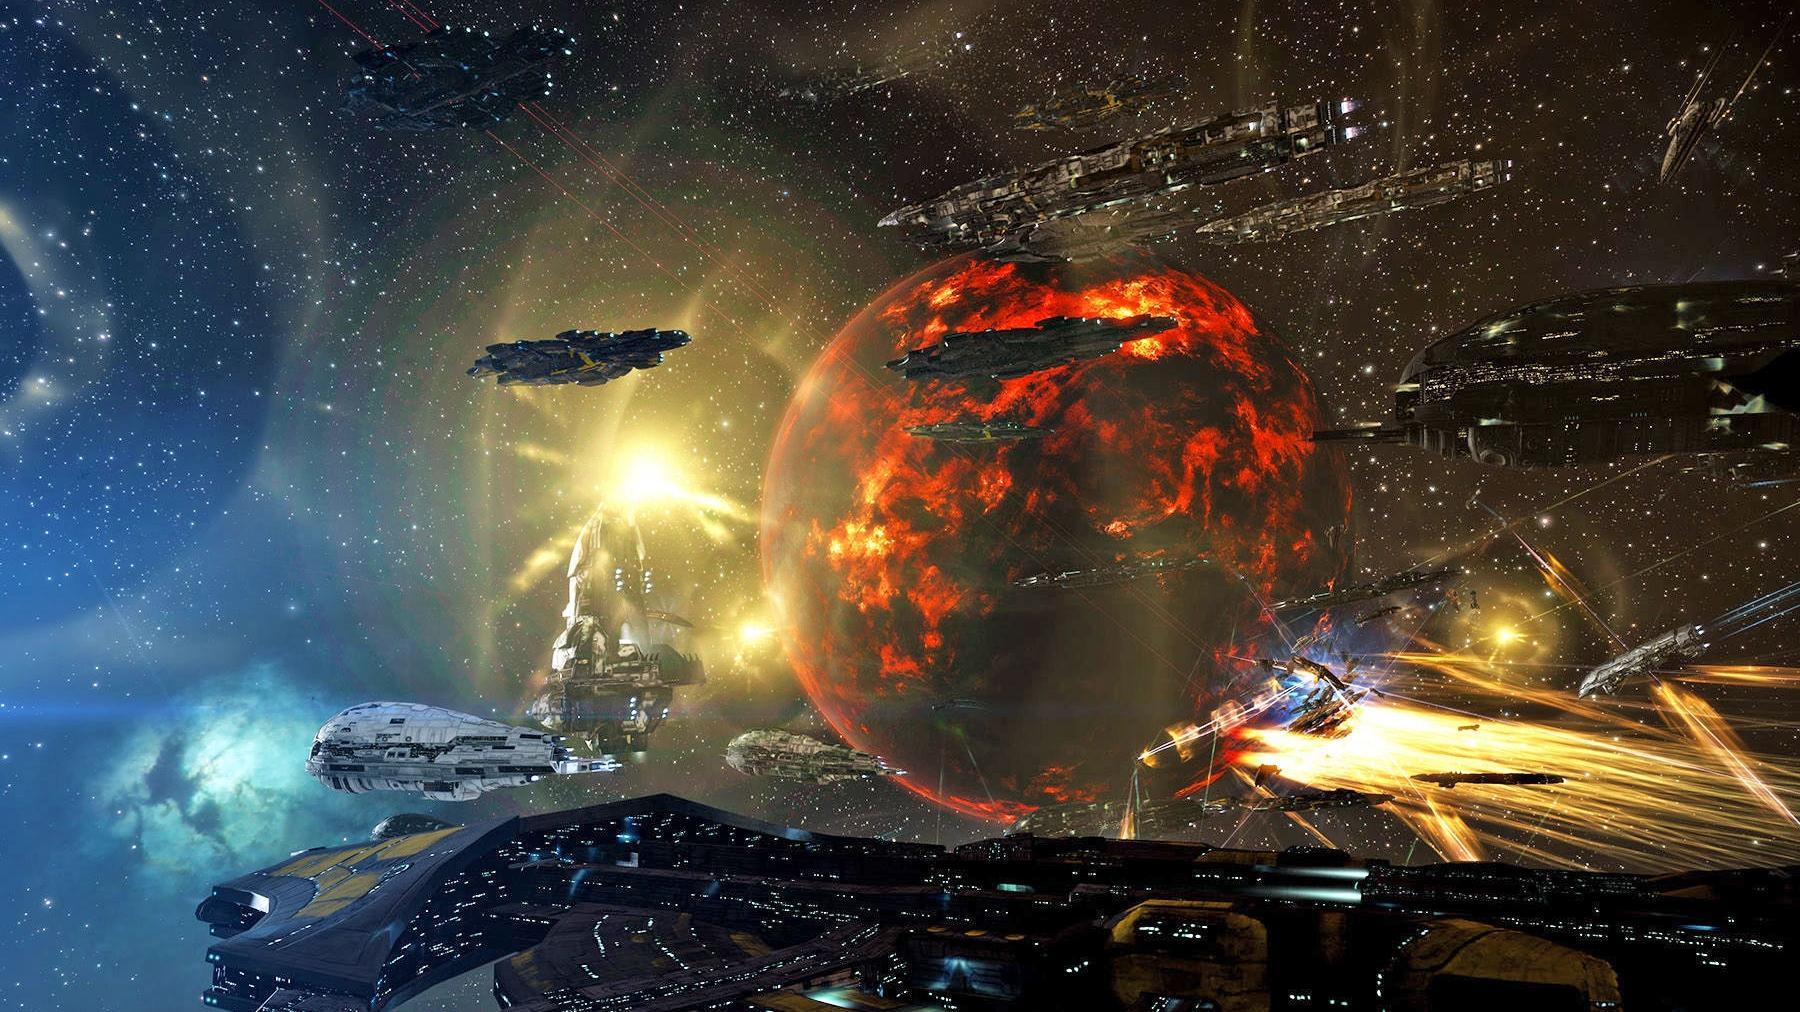 Sperasoft объявила о разработке новой игры совместно с создателями EVE Online